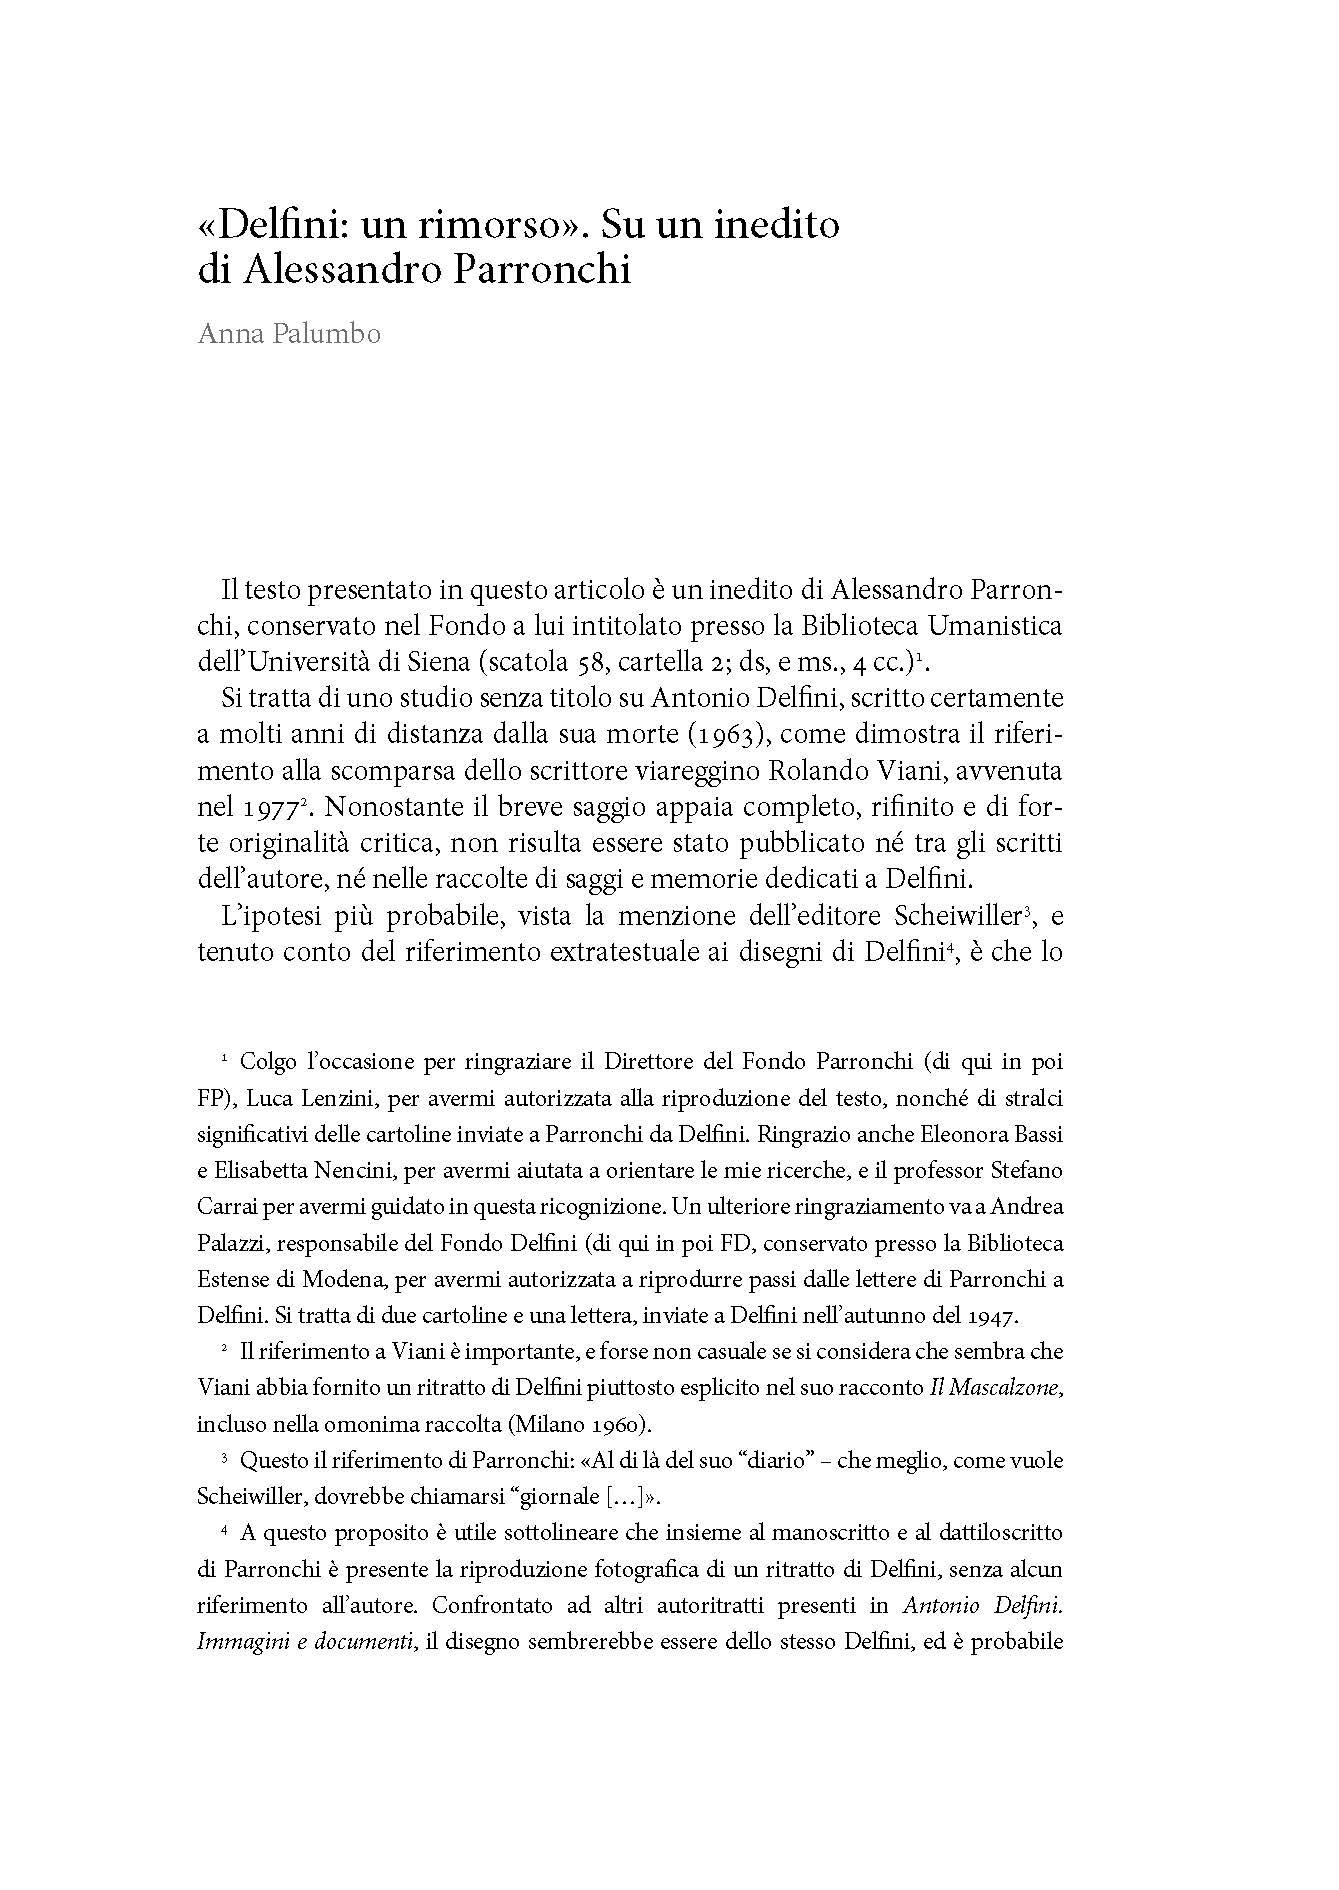 """""""Delfini: un rimorso"""". Su un inedito di Alessandro Parronchi"""